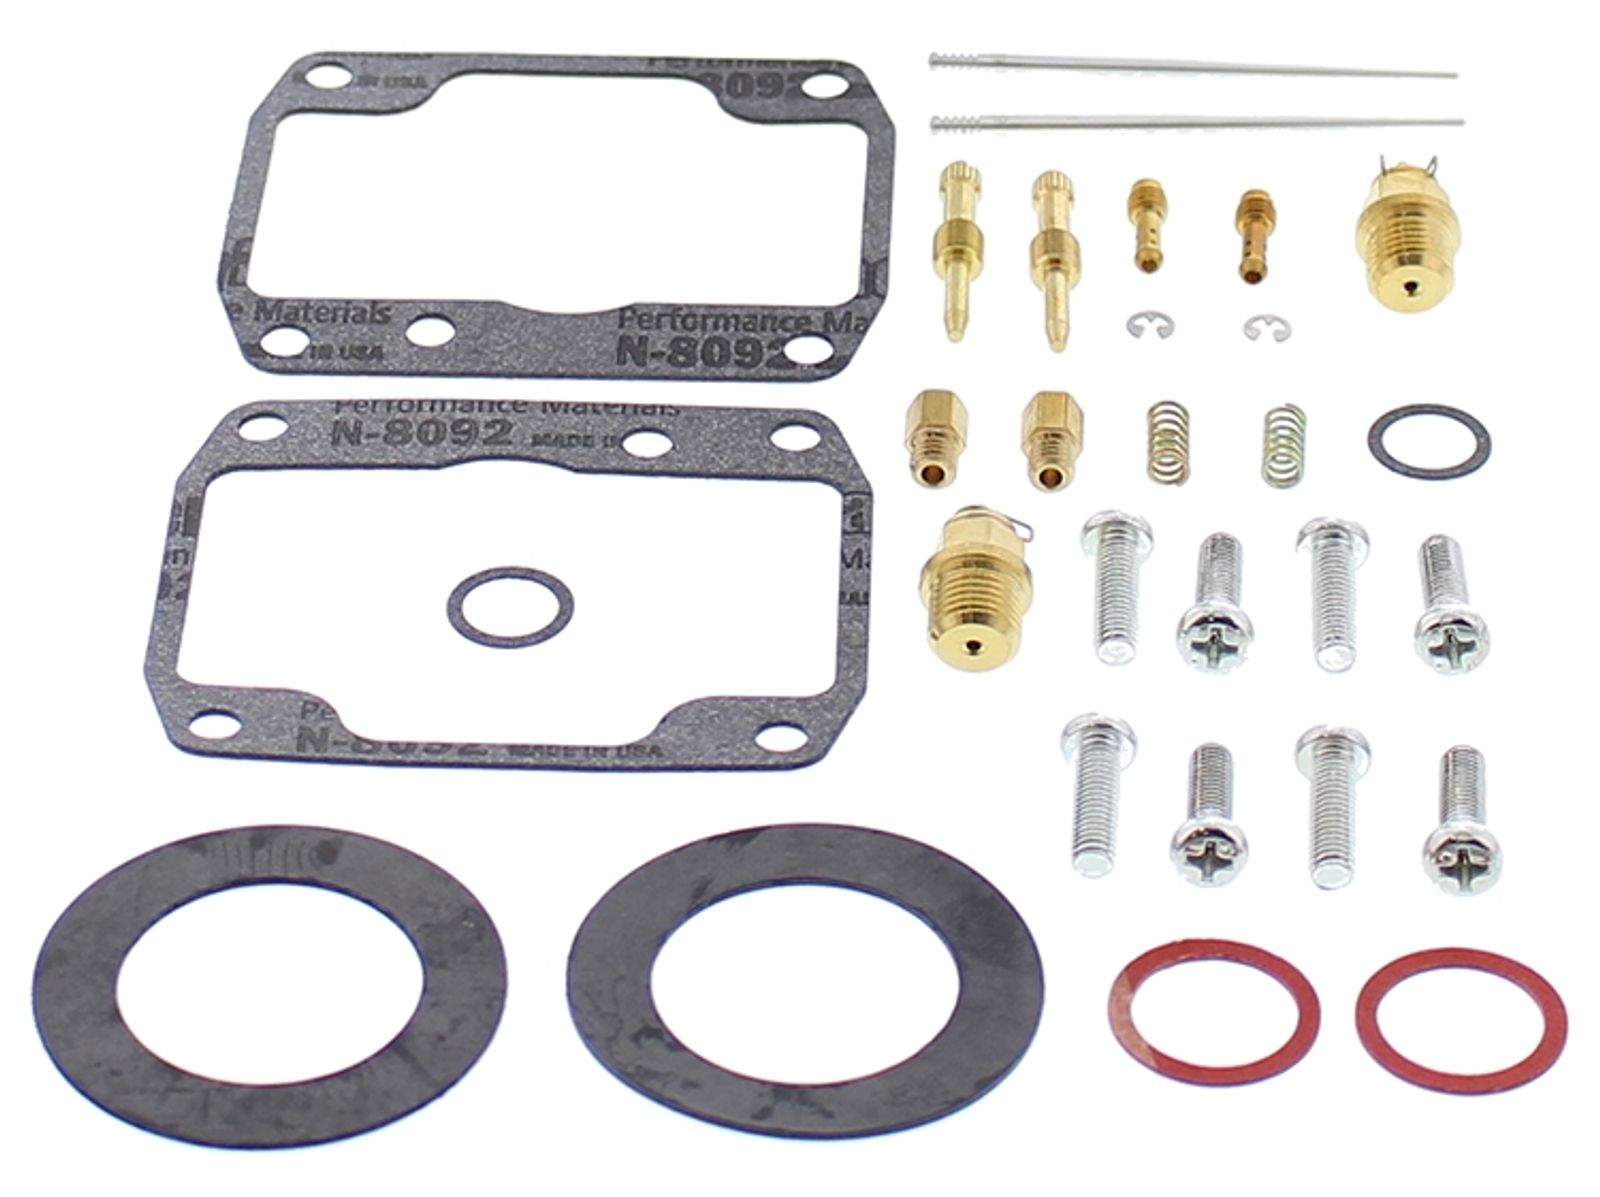 Wrp Carb Repair Kits - WRP2610001 image